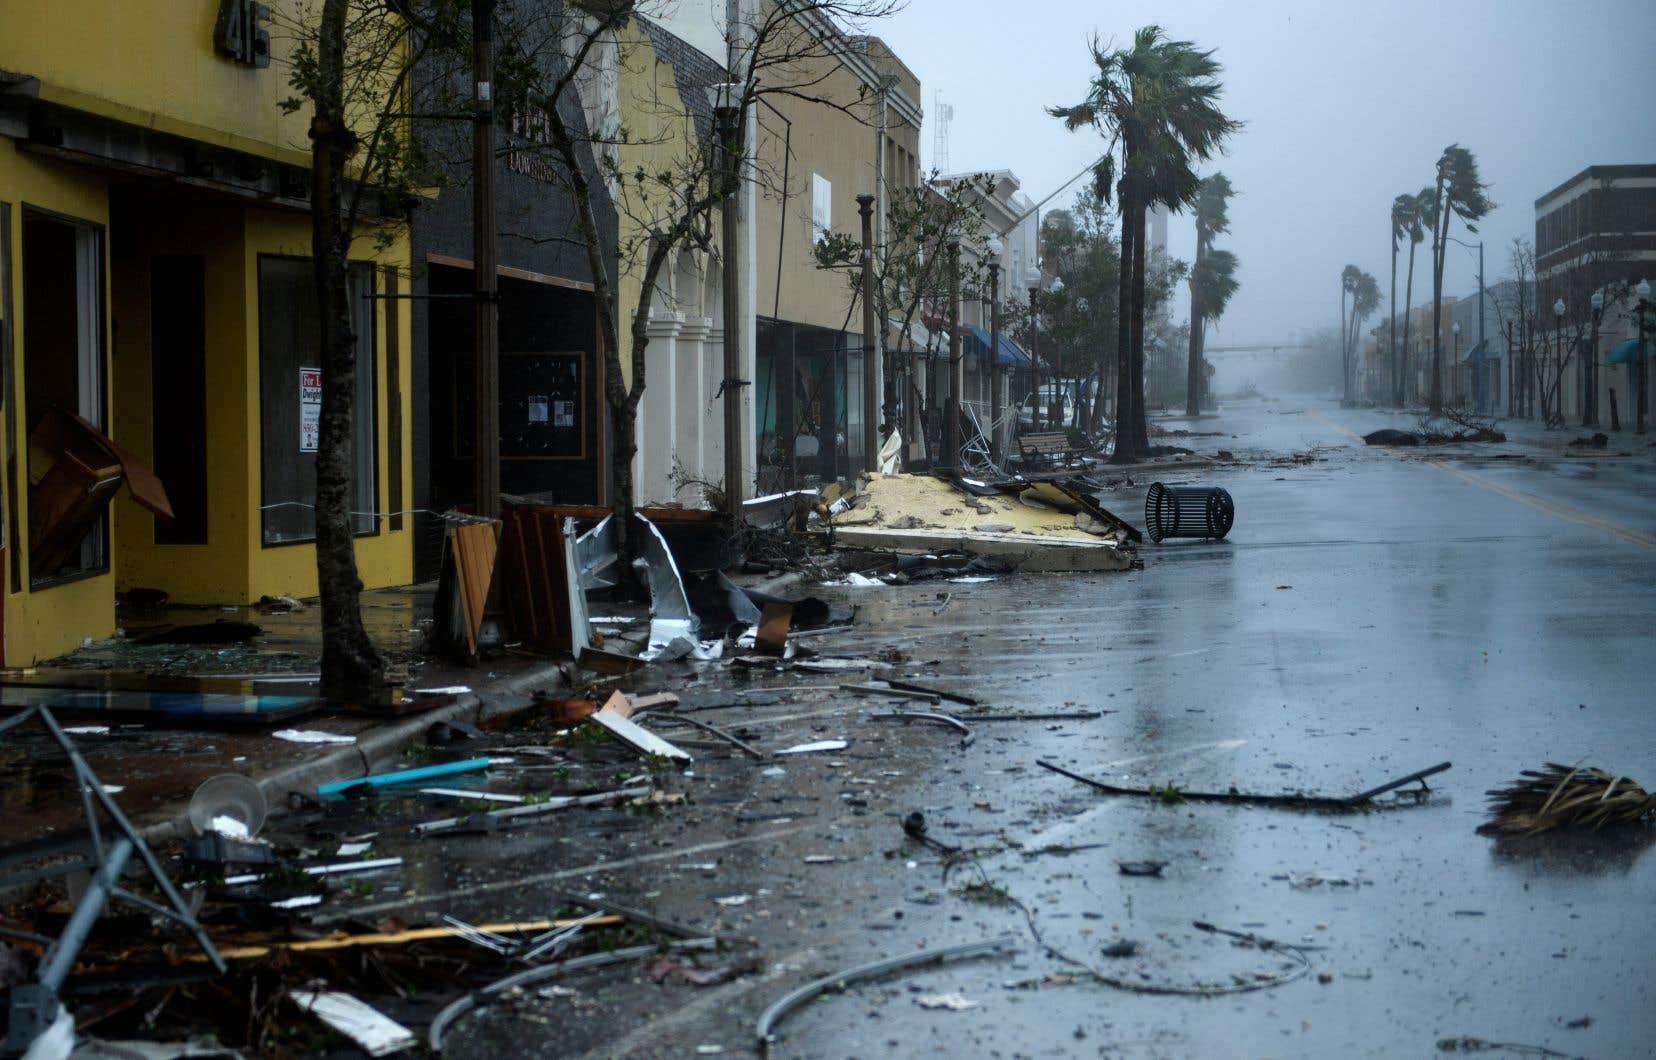 <p>À Panama City, une station balnéaire sur le littoral de Floride, un mur d'eau et des vents puissants se sont déchaînés mercredi pendant presque trois heures, dispersant des débris partout.</p>